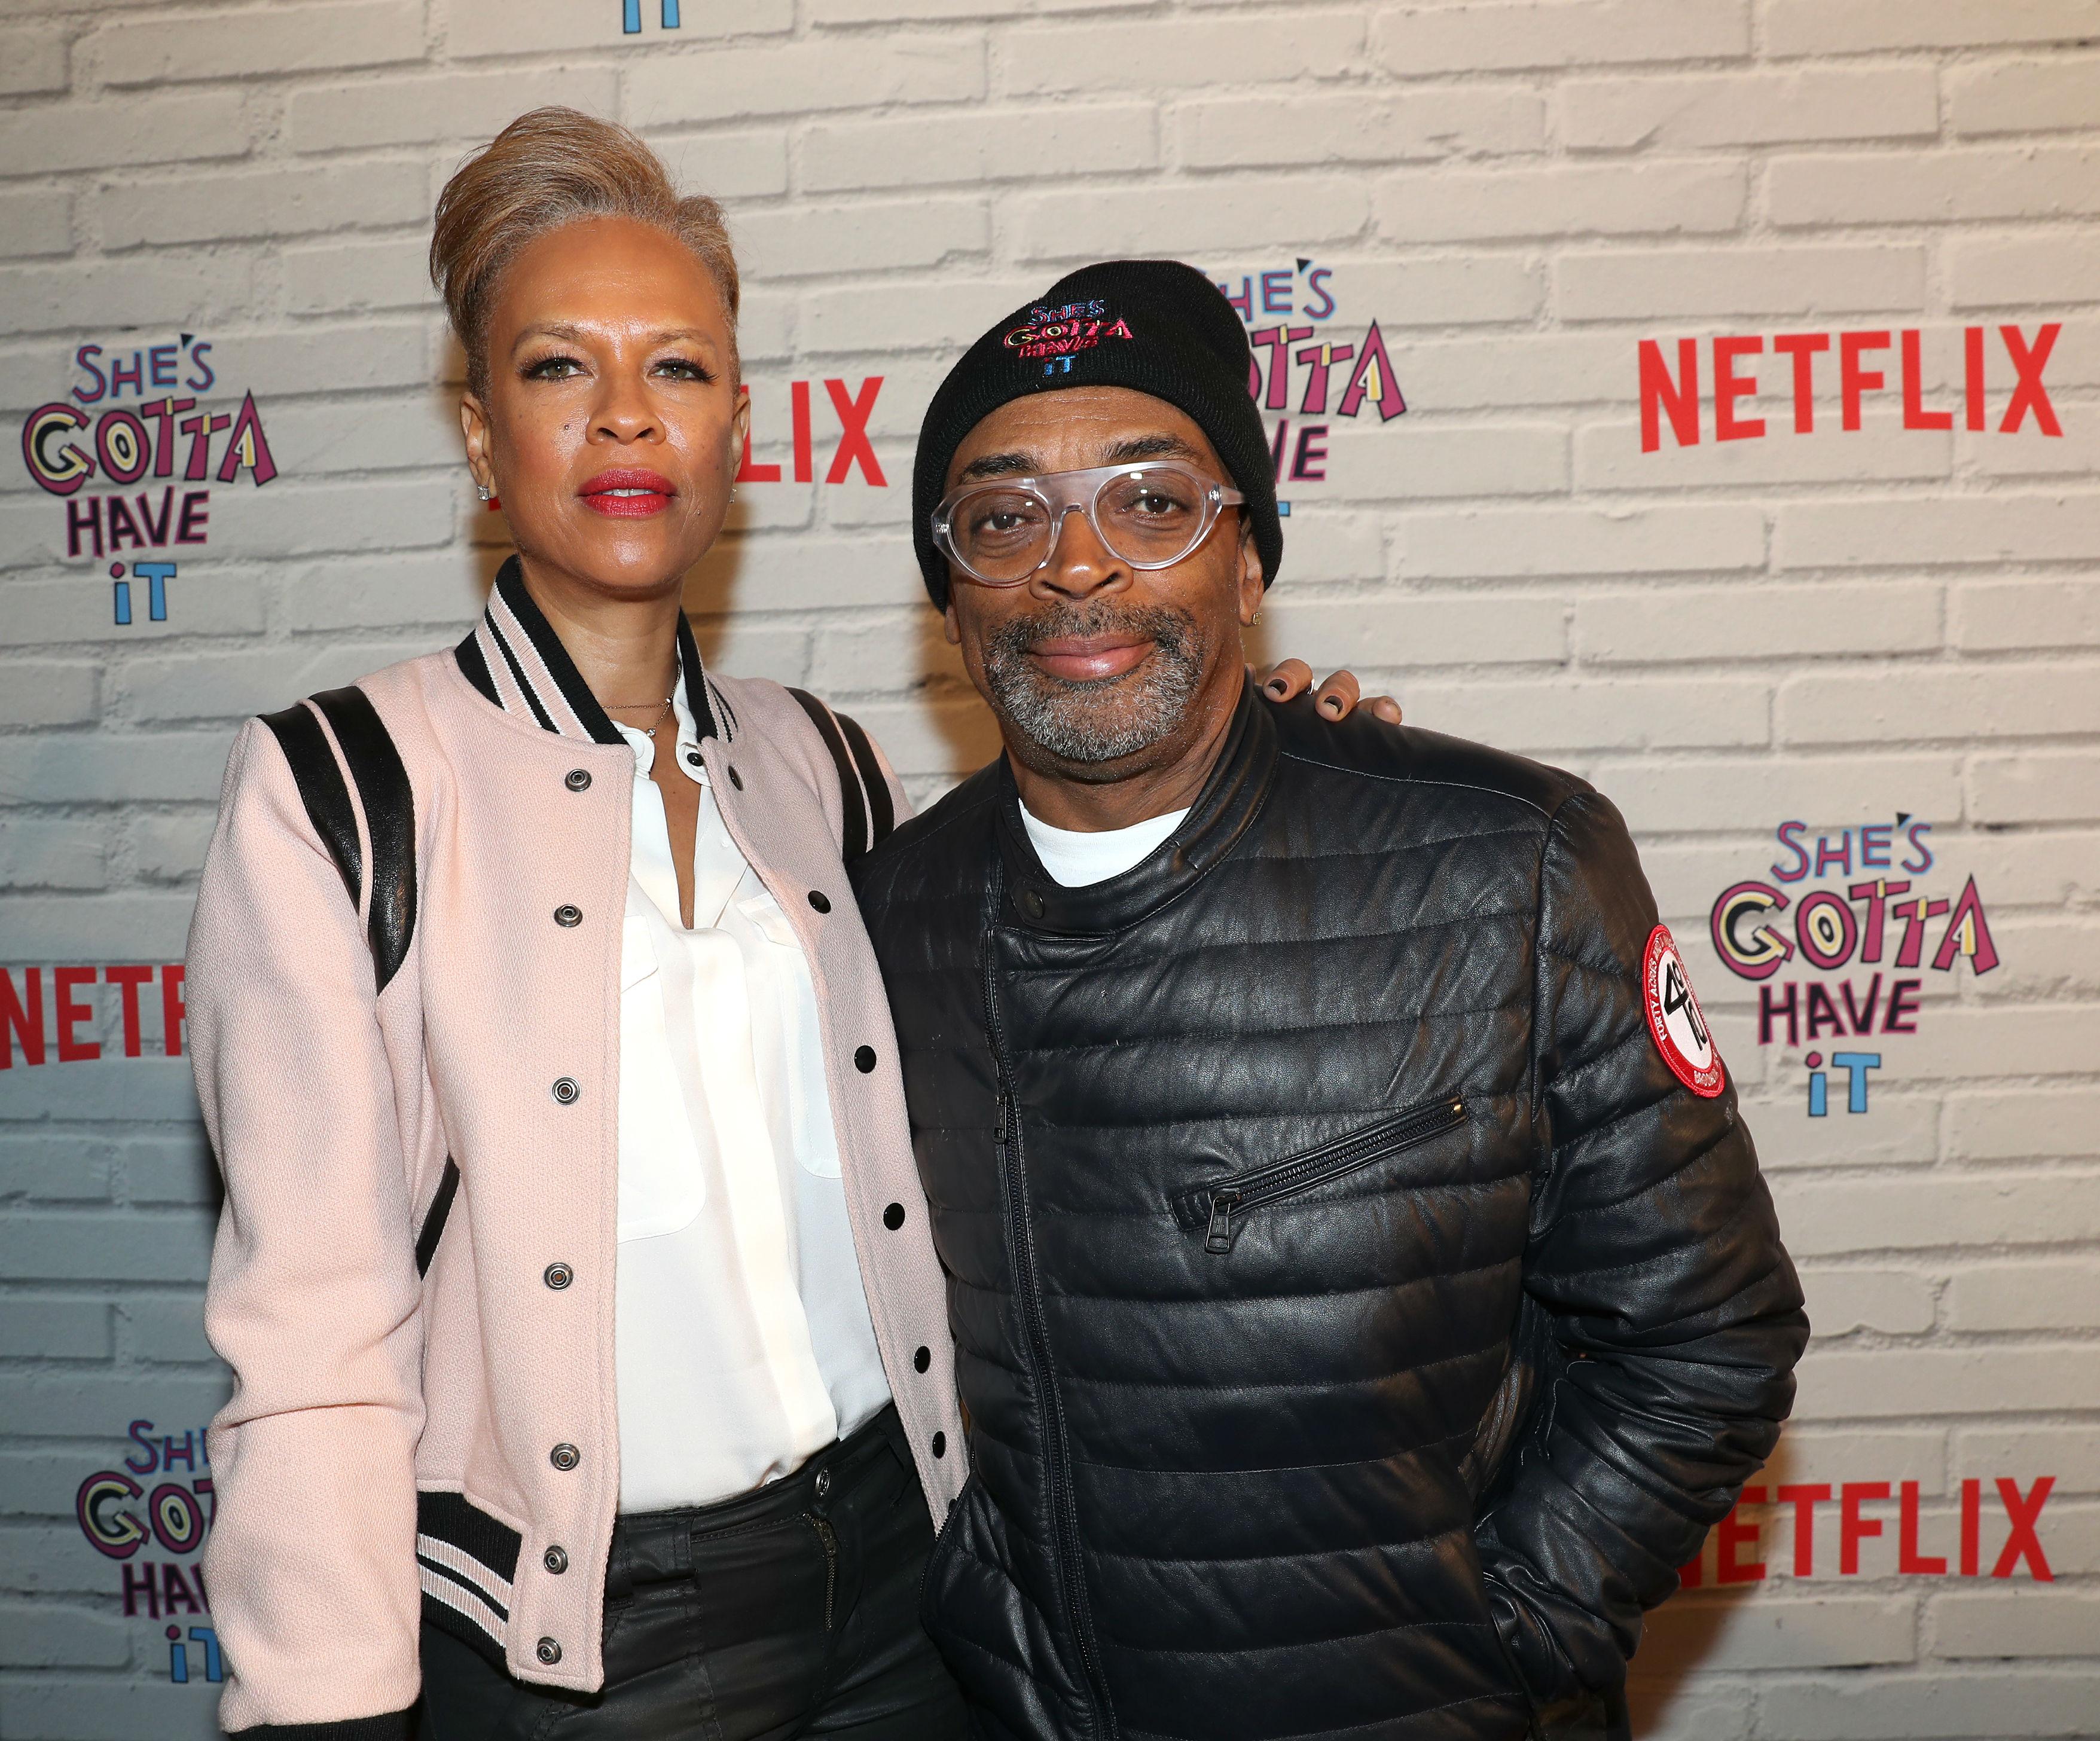 اسپایک لی در مورد همکاریاش با شبکه Netflix میگوید.